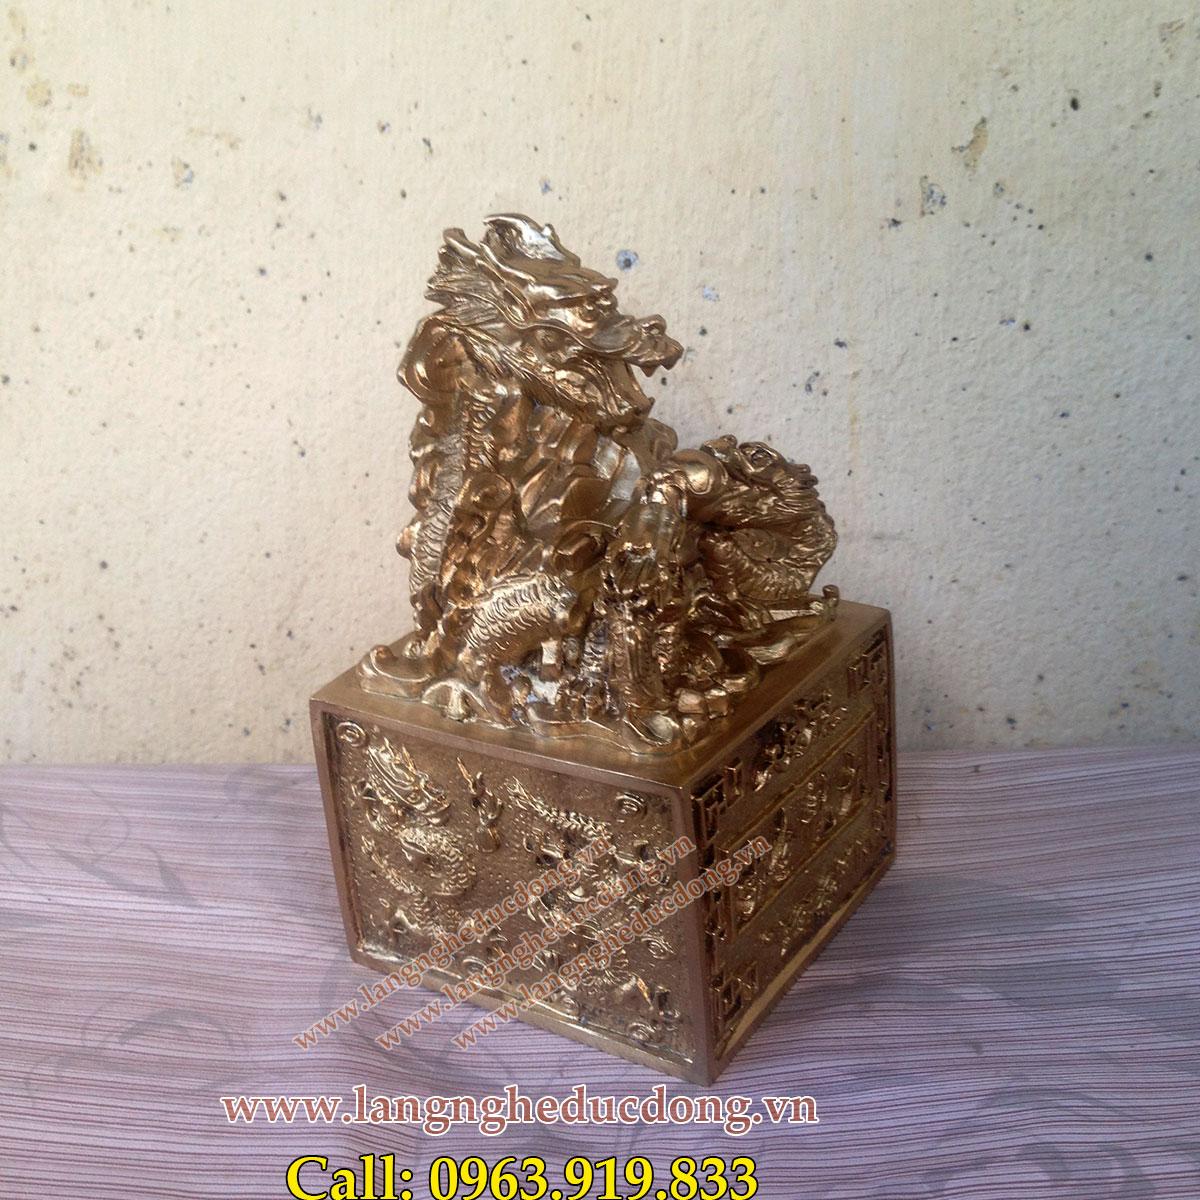 langngheducdong.vn - Ấn Cửu Long, Ấn rồng đồng , giúp thăng quan tiến chức